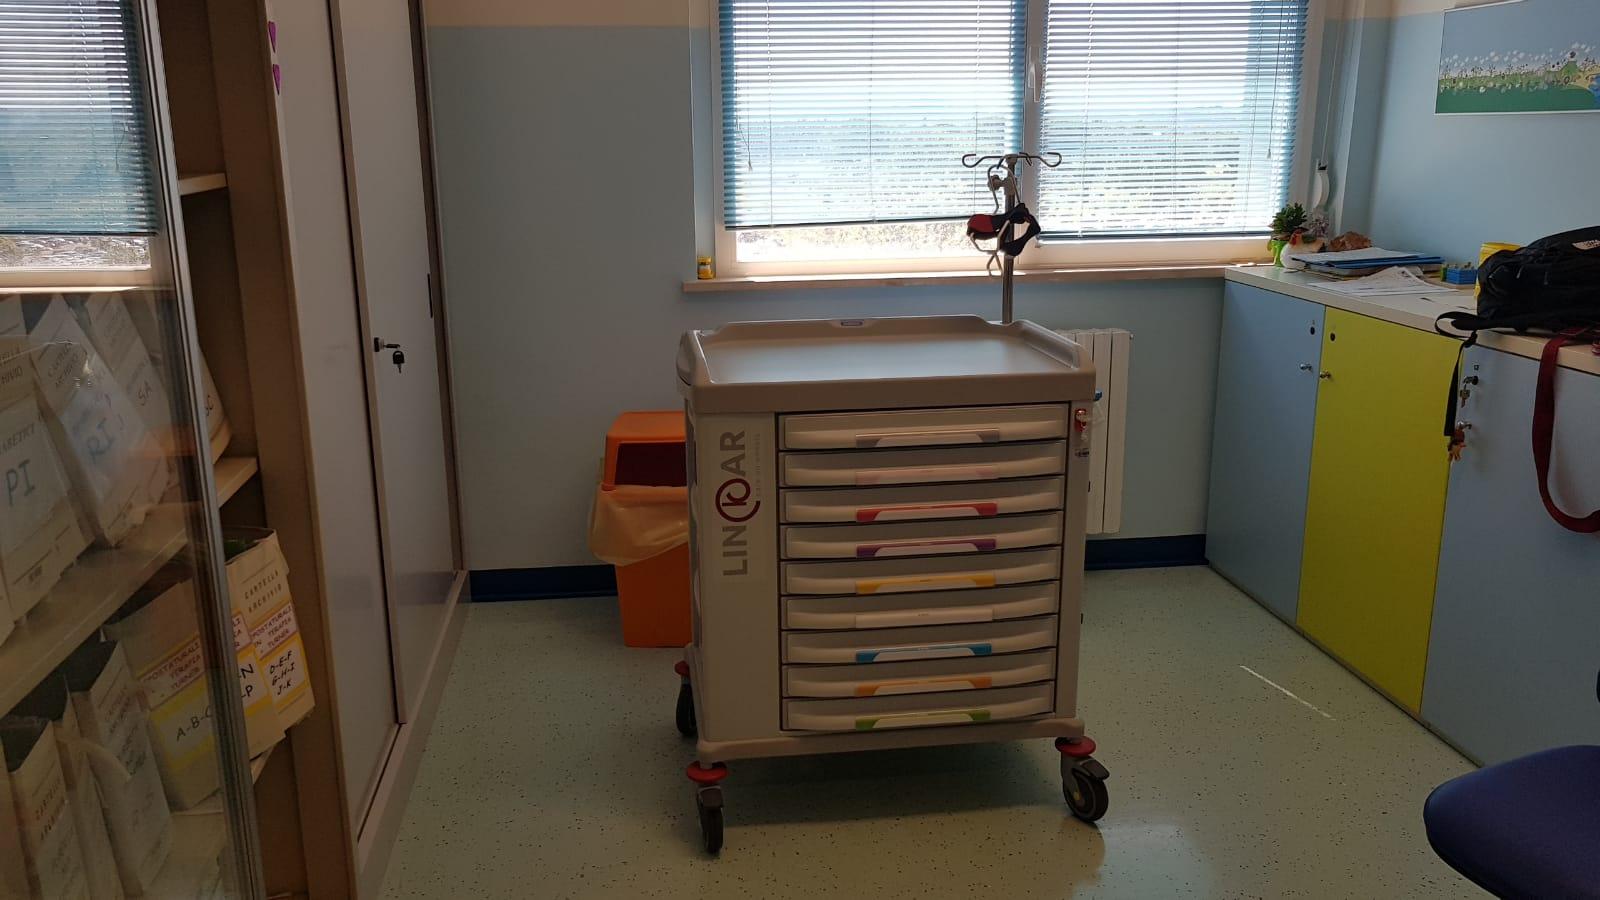 aBm dona nuovi macchinari alla Clinica Pediatrica di Perugia